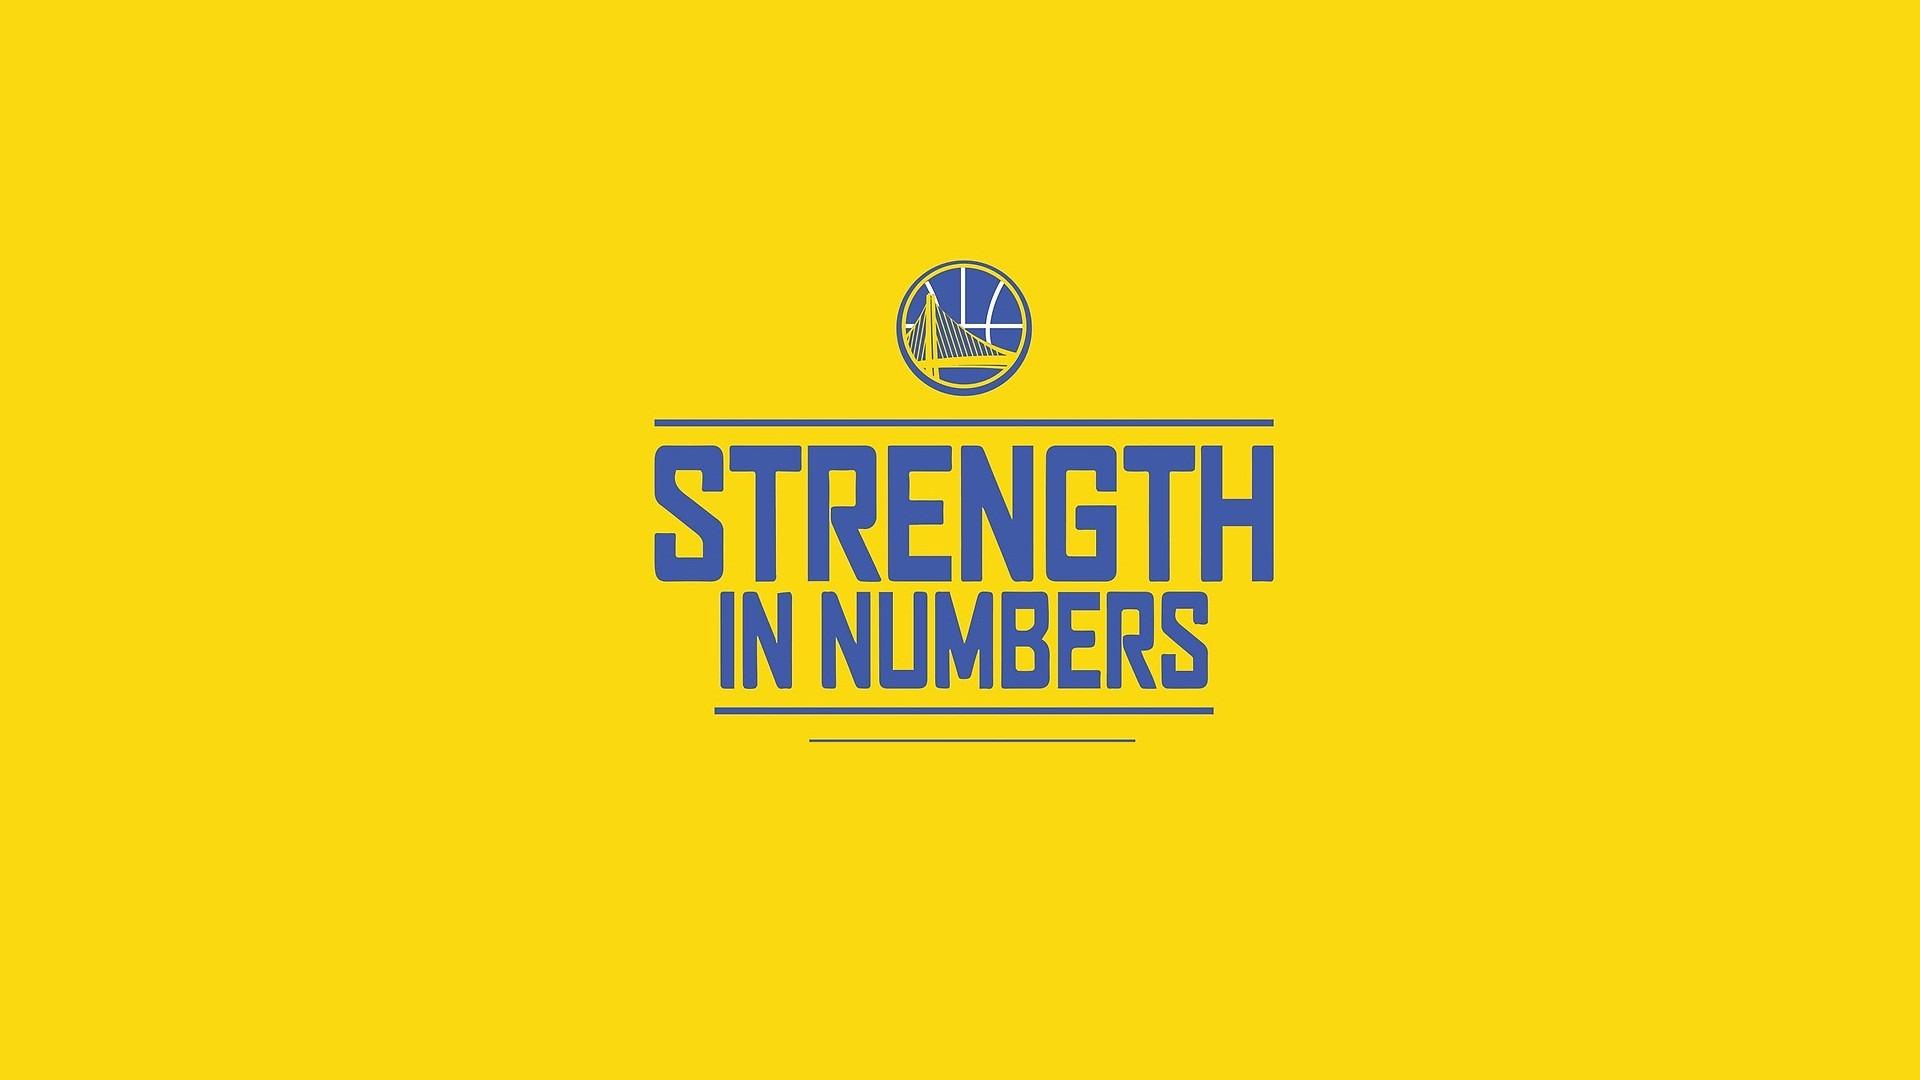 Best Nba Wallpapers Hd Golden State Warriors Logo For Pc Wallpaper 2019